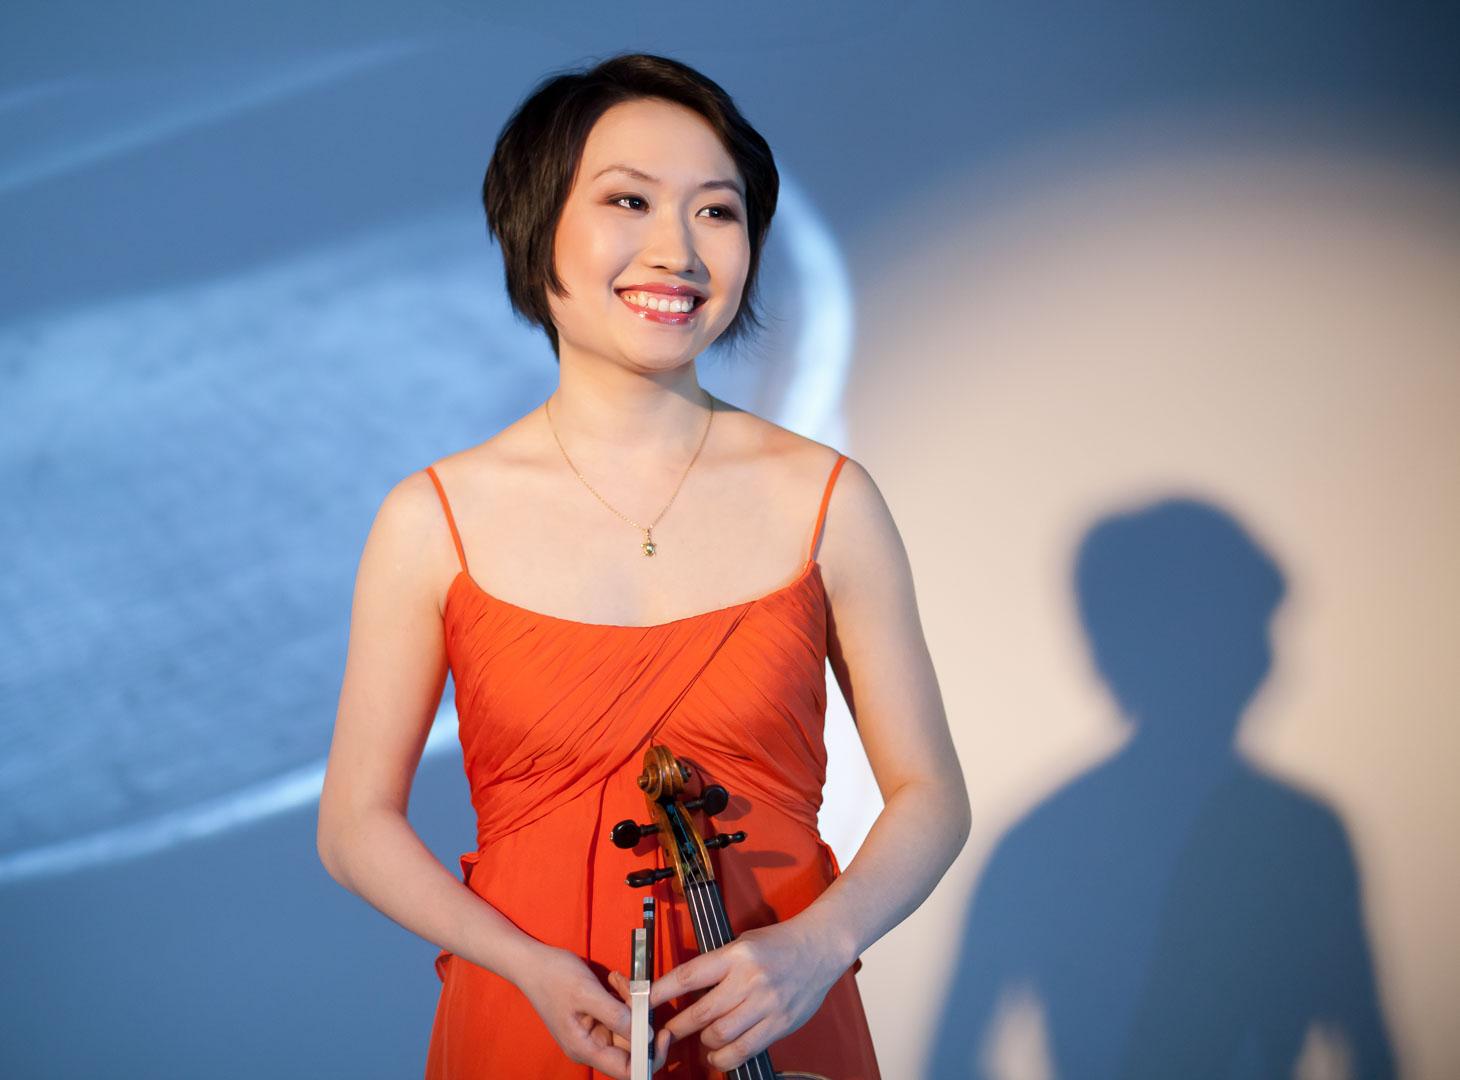 Zhijiong Wang